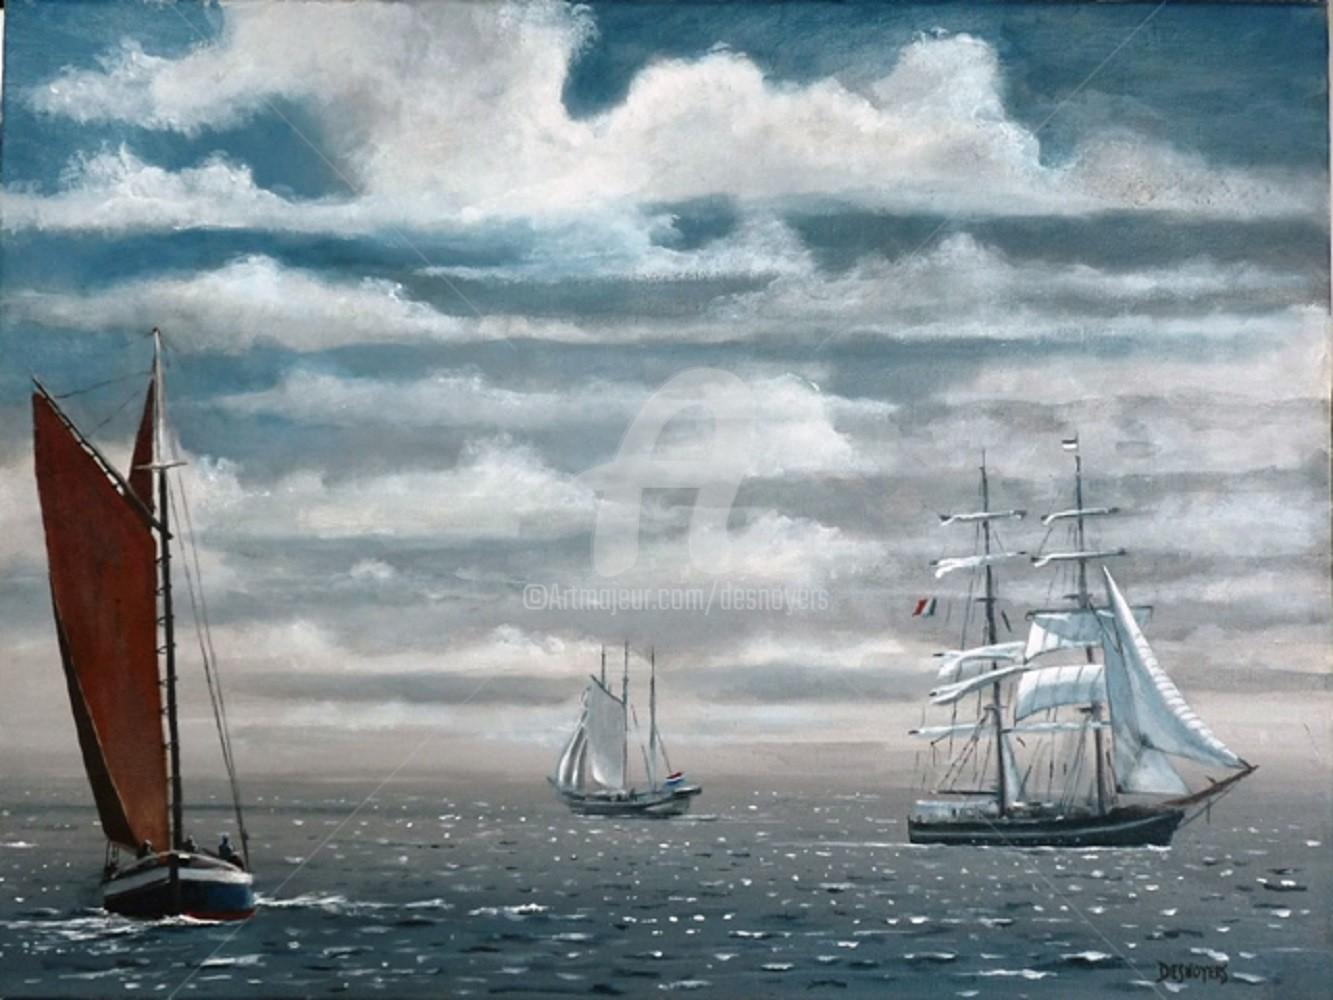 Desnoyers - Nave dans le rade de Brest